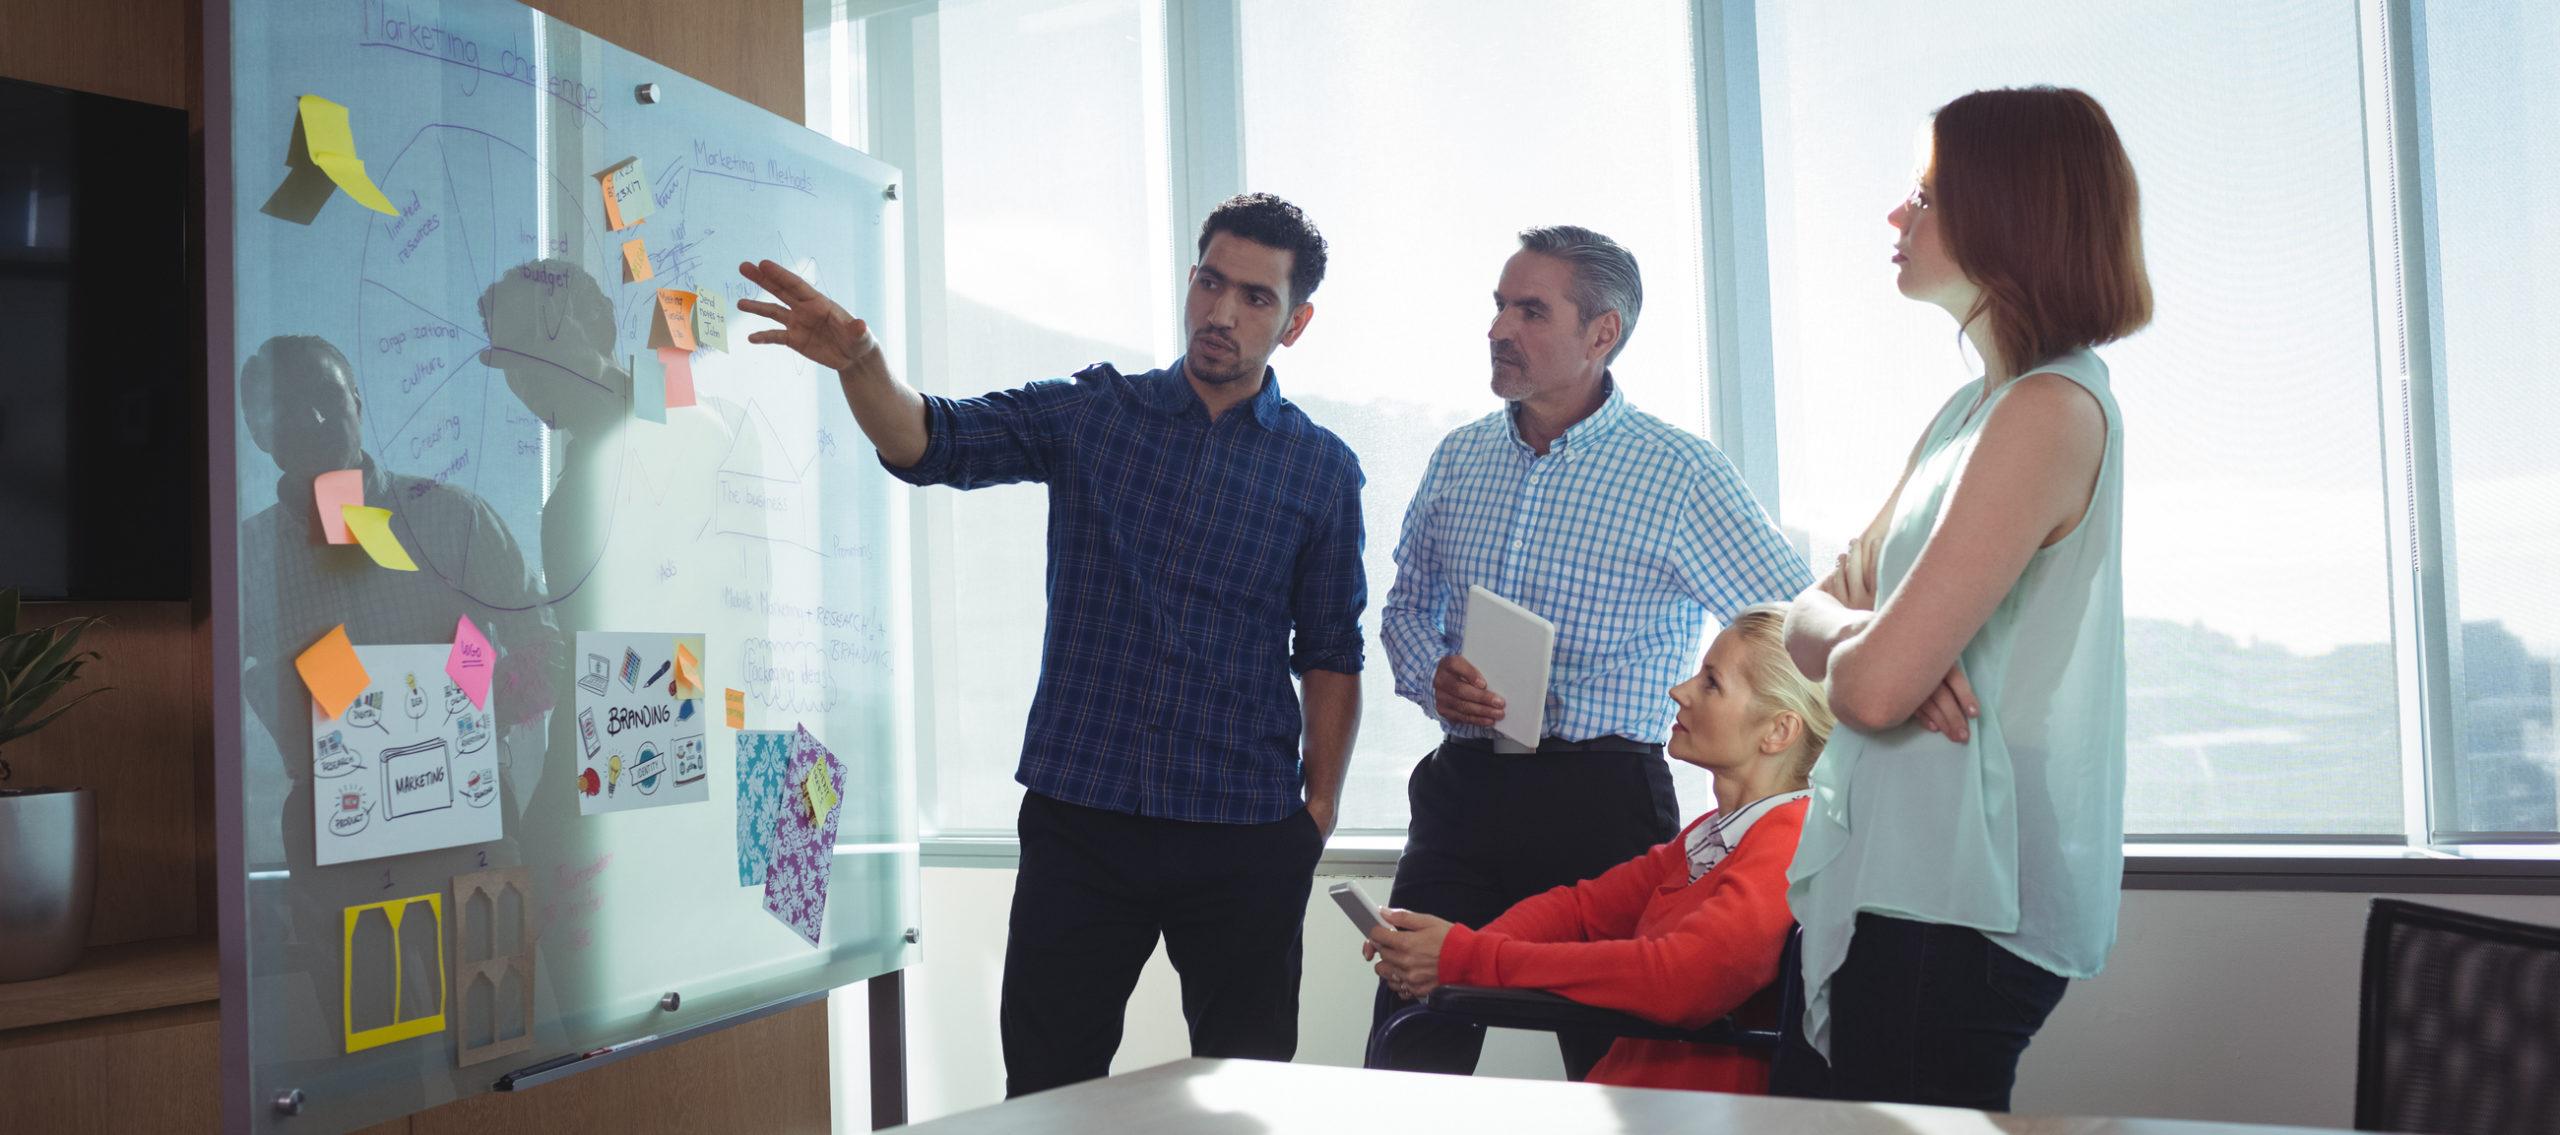 Aprendizaje en equipo vs individual